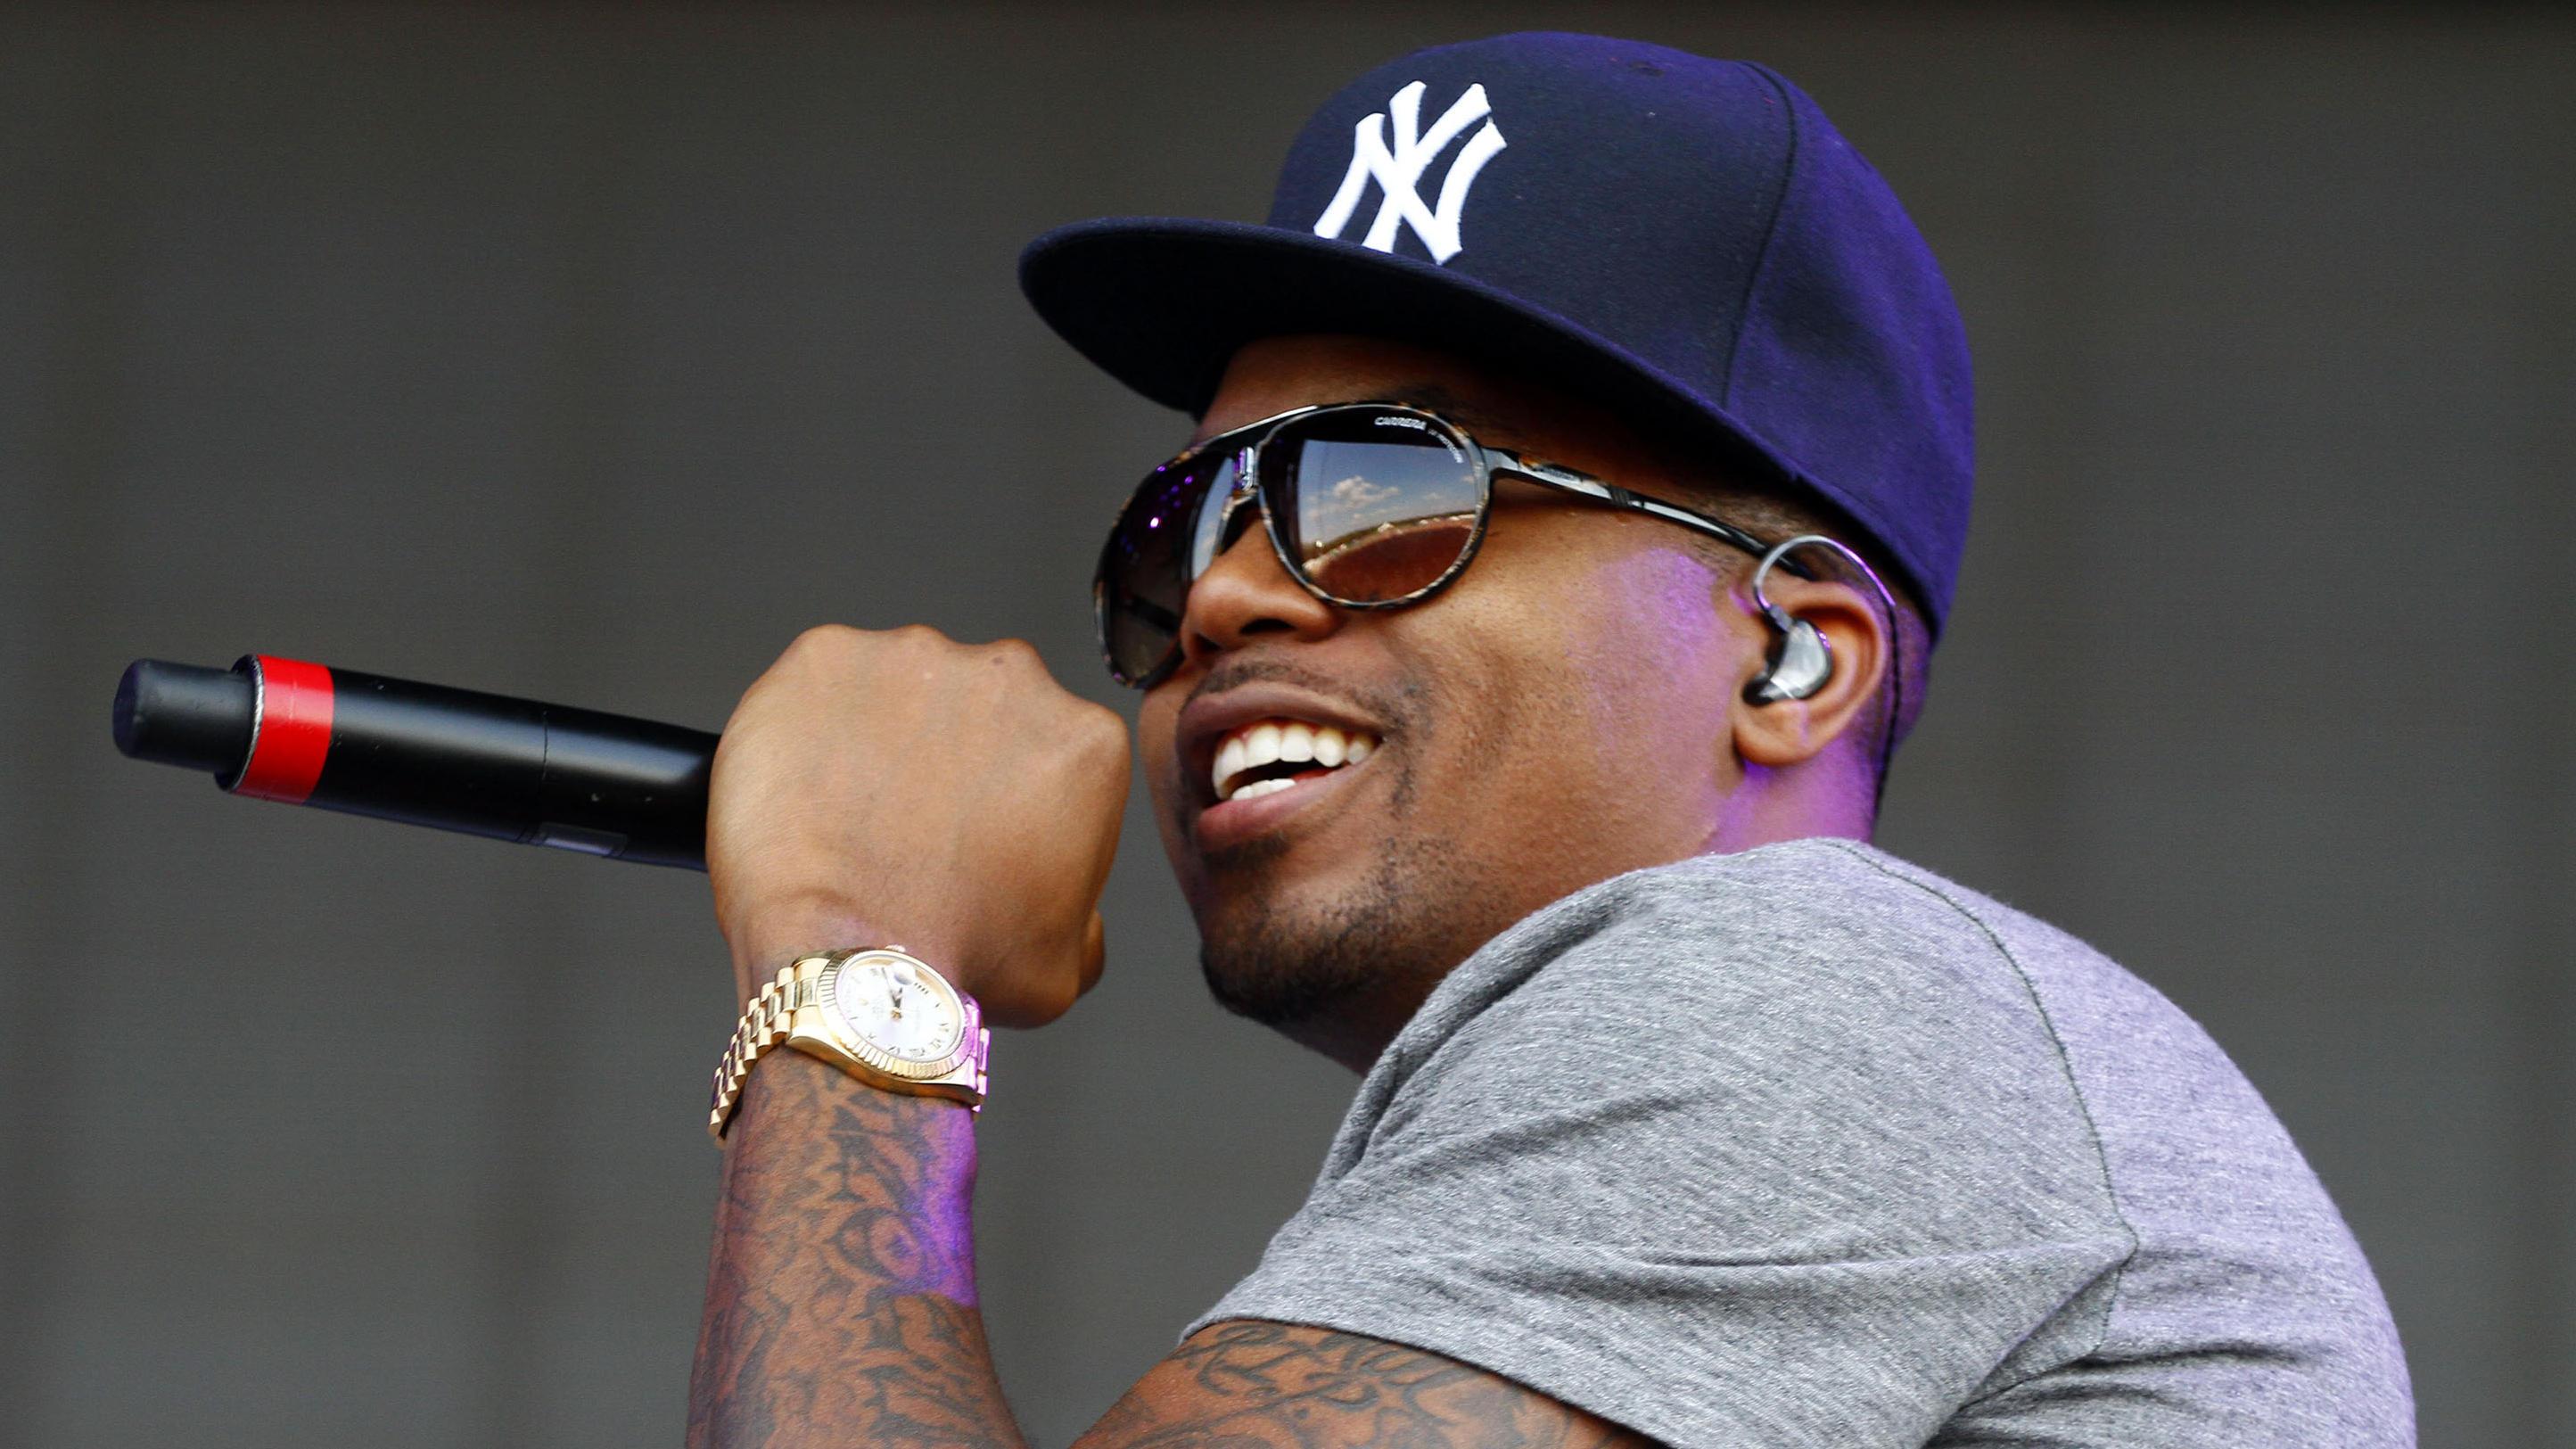 Guy Rapper Hip Hop